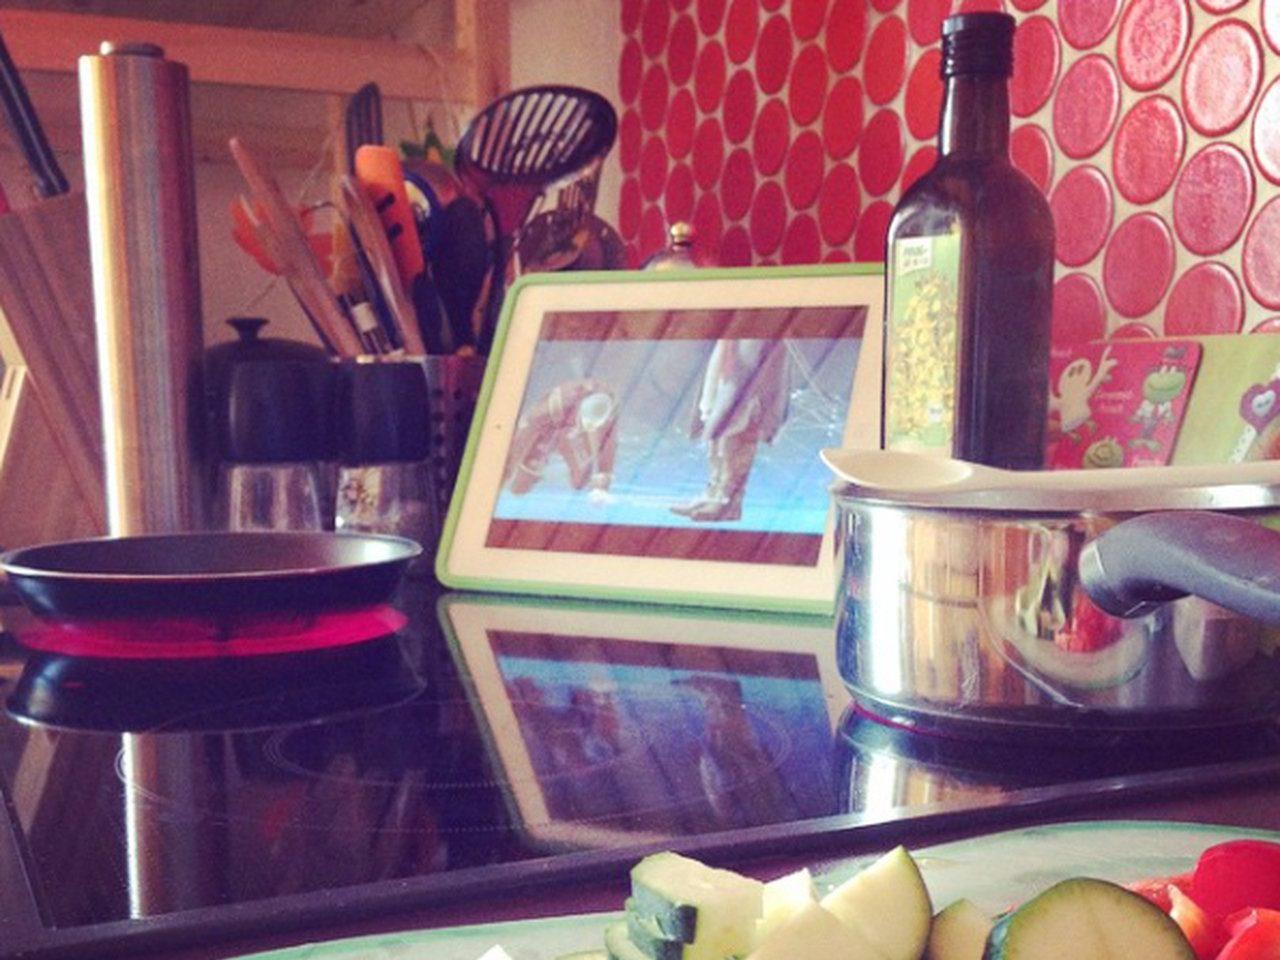 Kochen und Spielen. Wer sagt, das passt nicht zusammen? (Bild: Daniel Wagner)